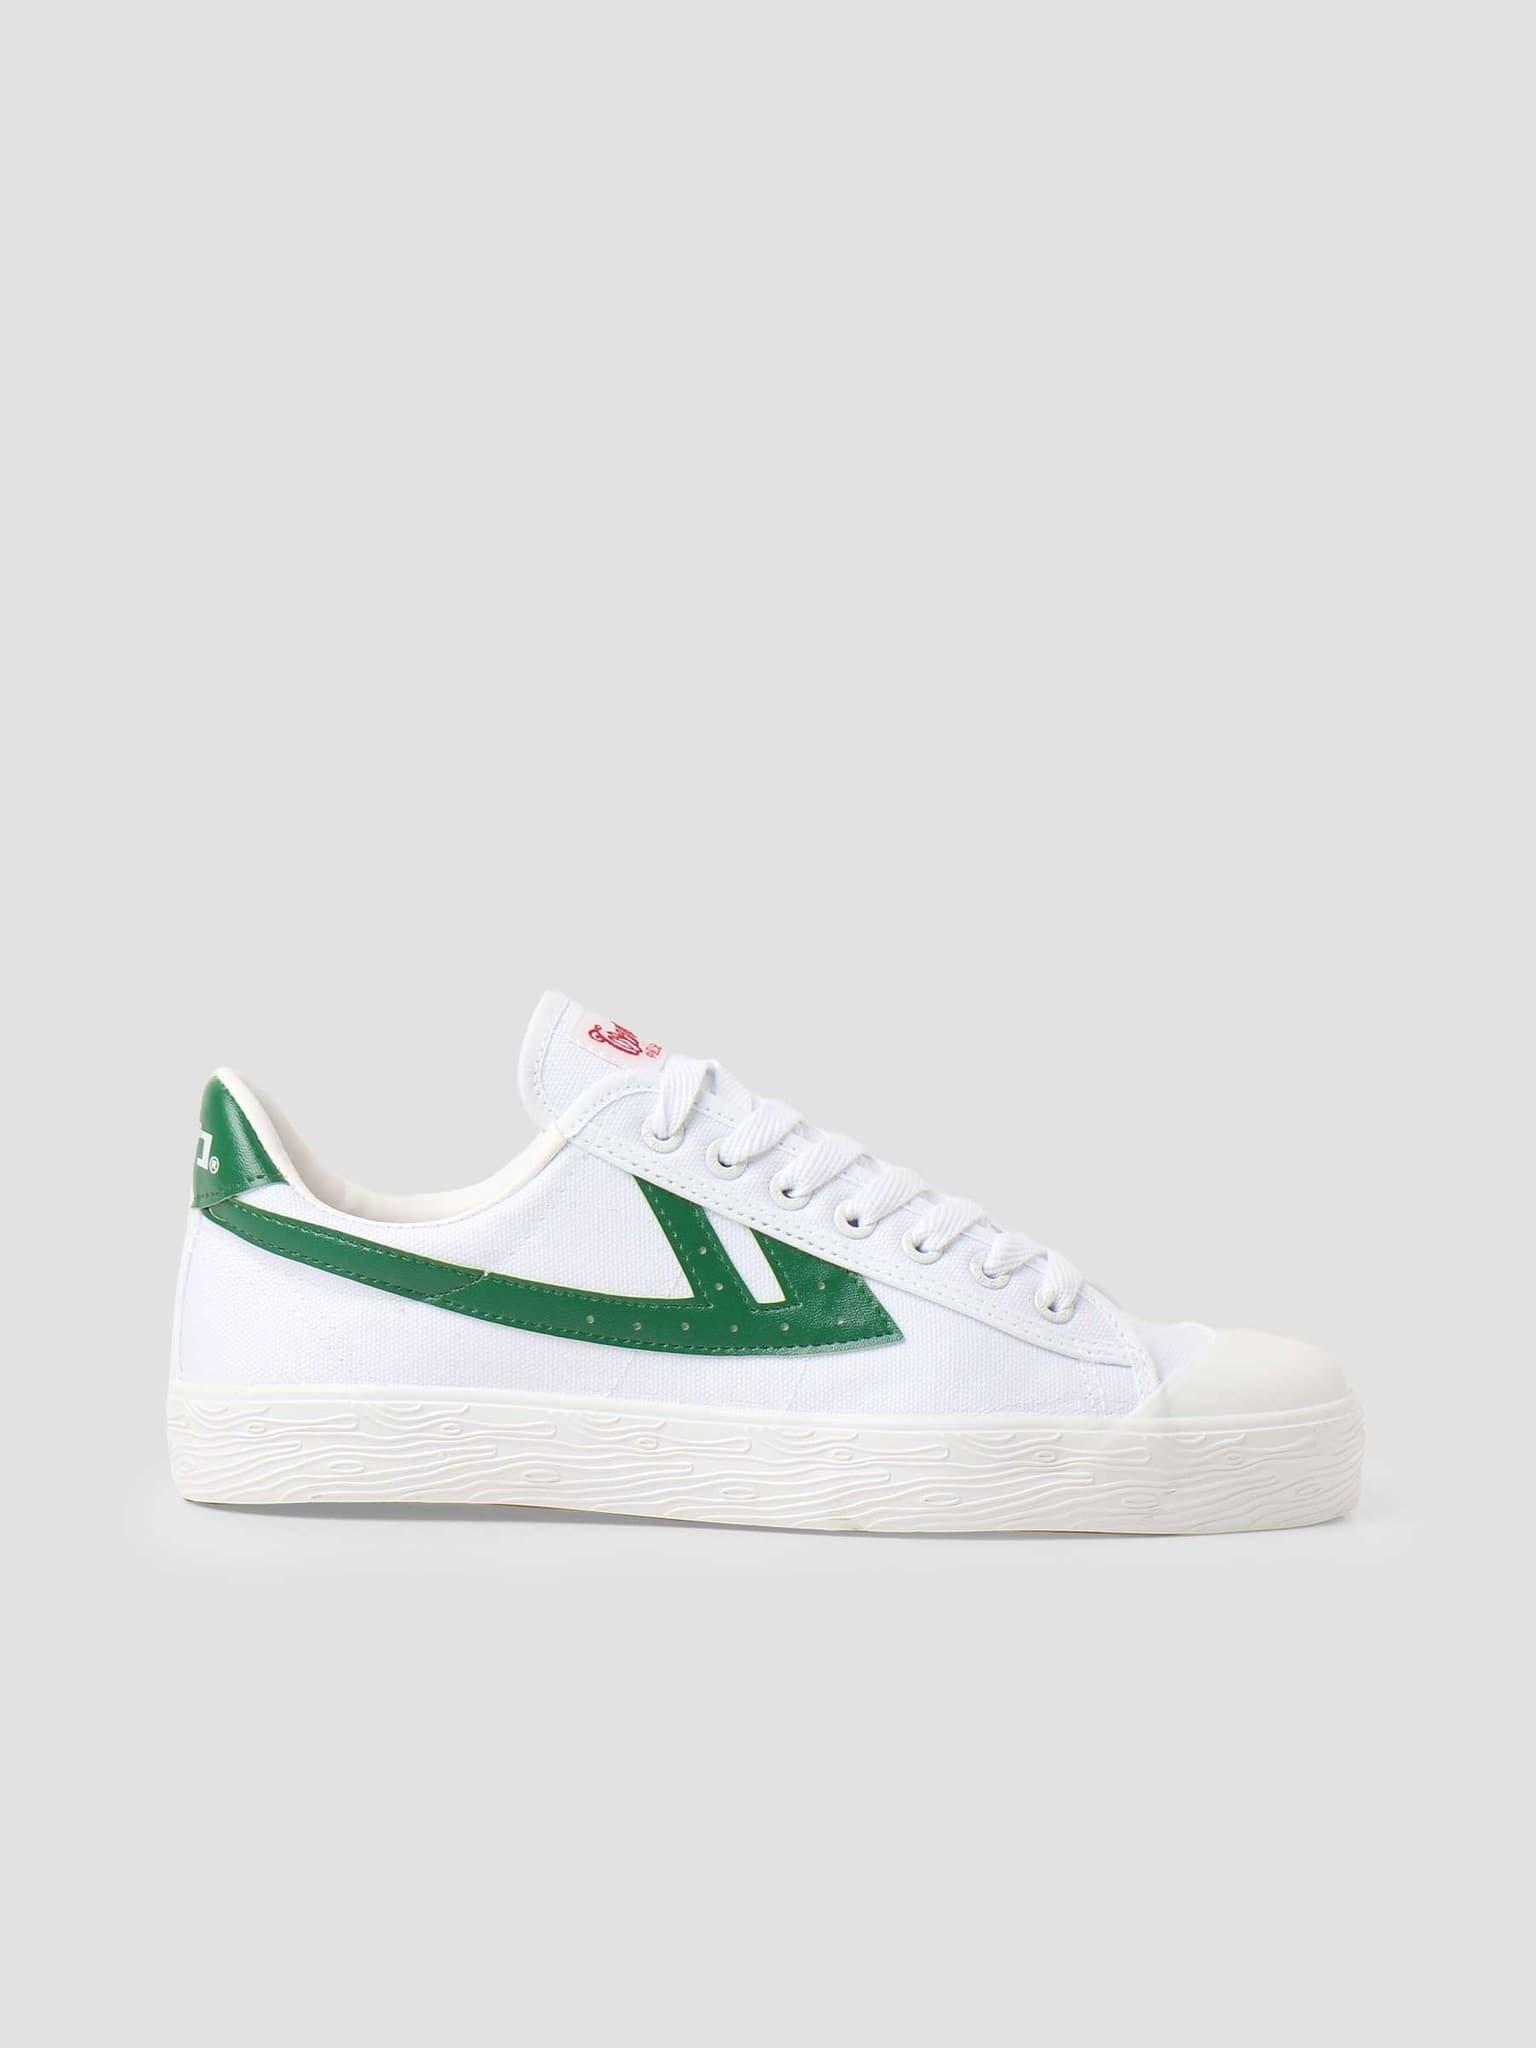 Shanghai WB 1 White Green